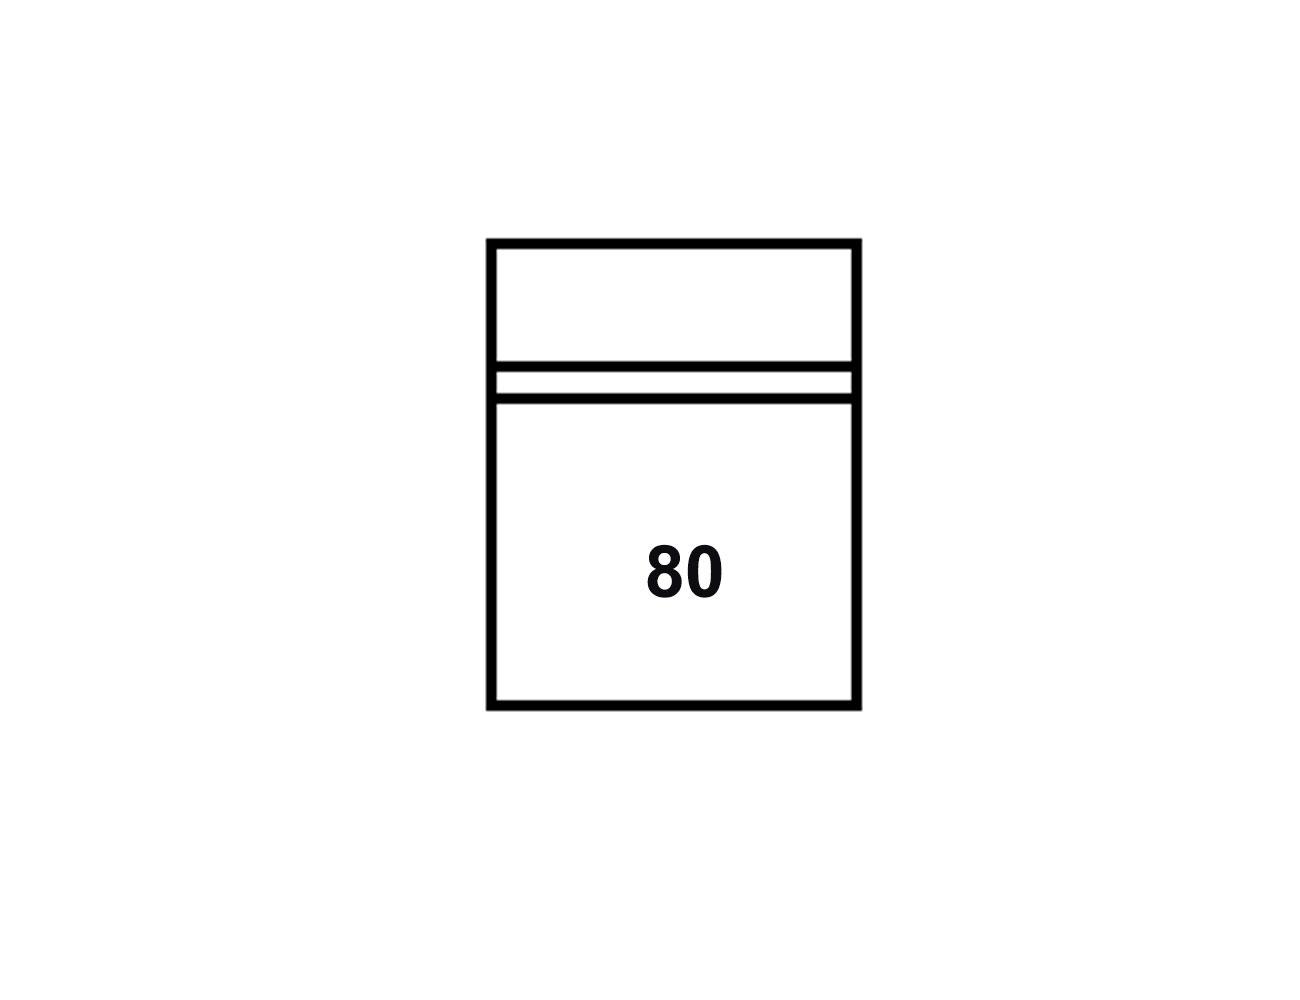 Modulo 1p 808